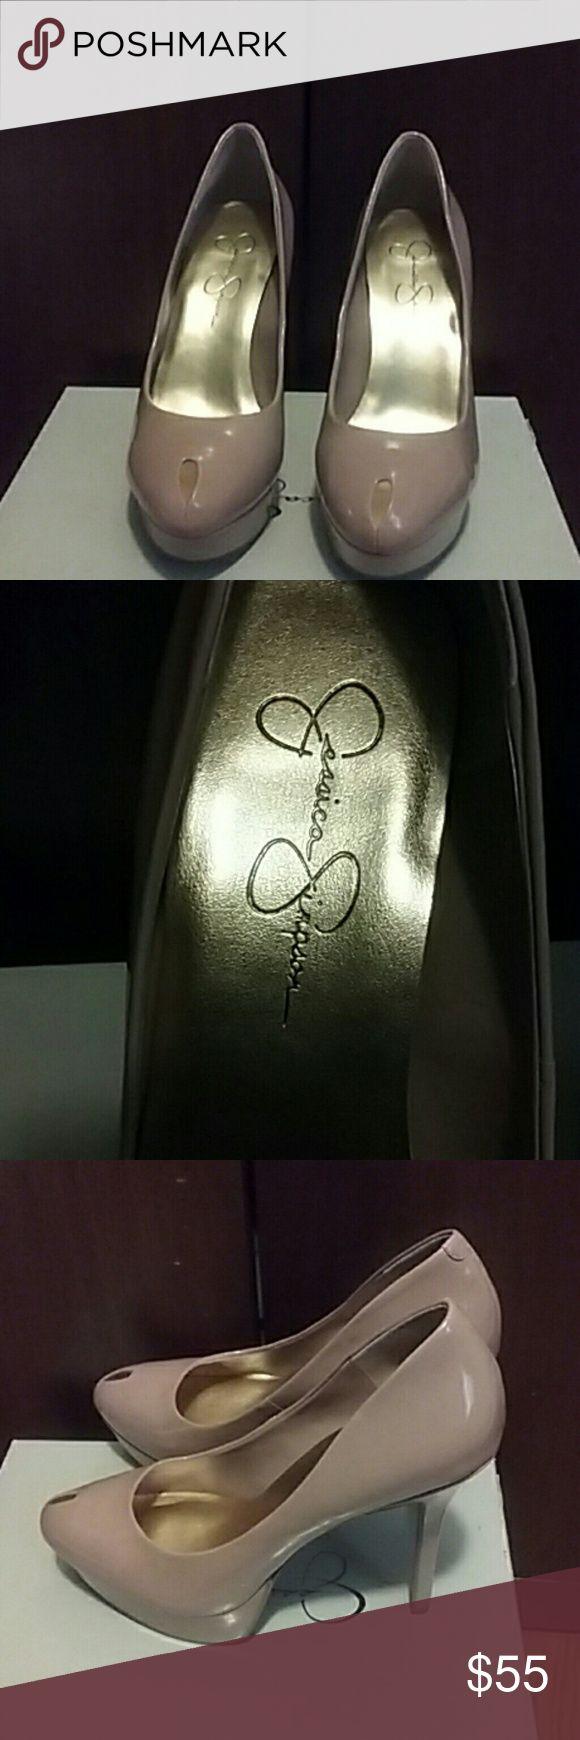 Jessica Simpson peep toe brook platform pump (Nude Patent leather nude peep toe platform pump Jessica Simpson Shoes Platforms